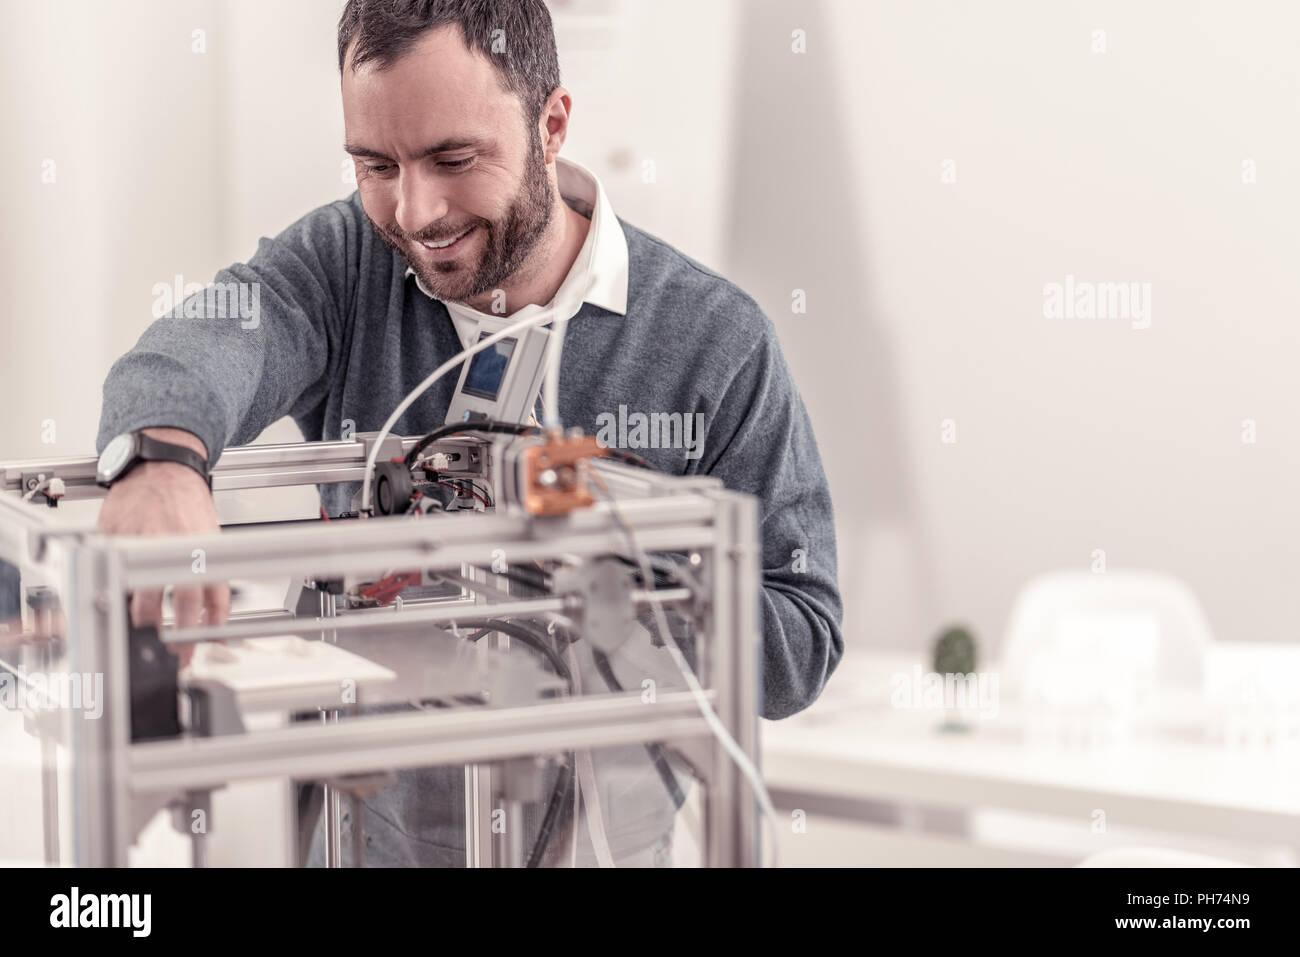 Smiling man à l'essai de nouvelles a3d'imprimante Photo Stock